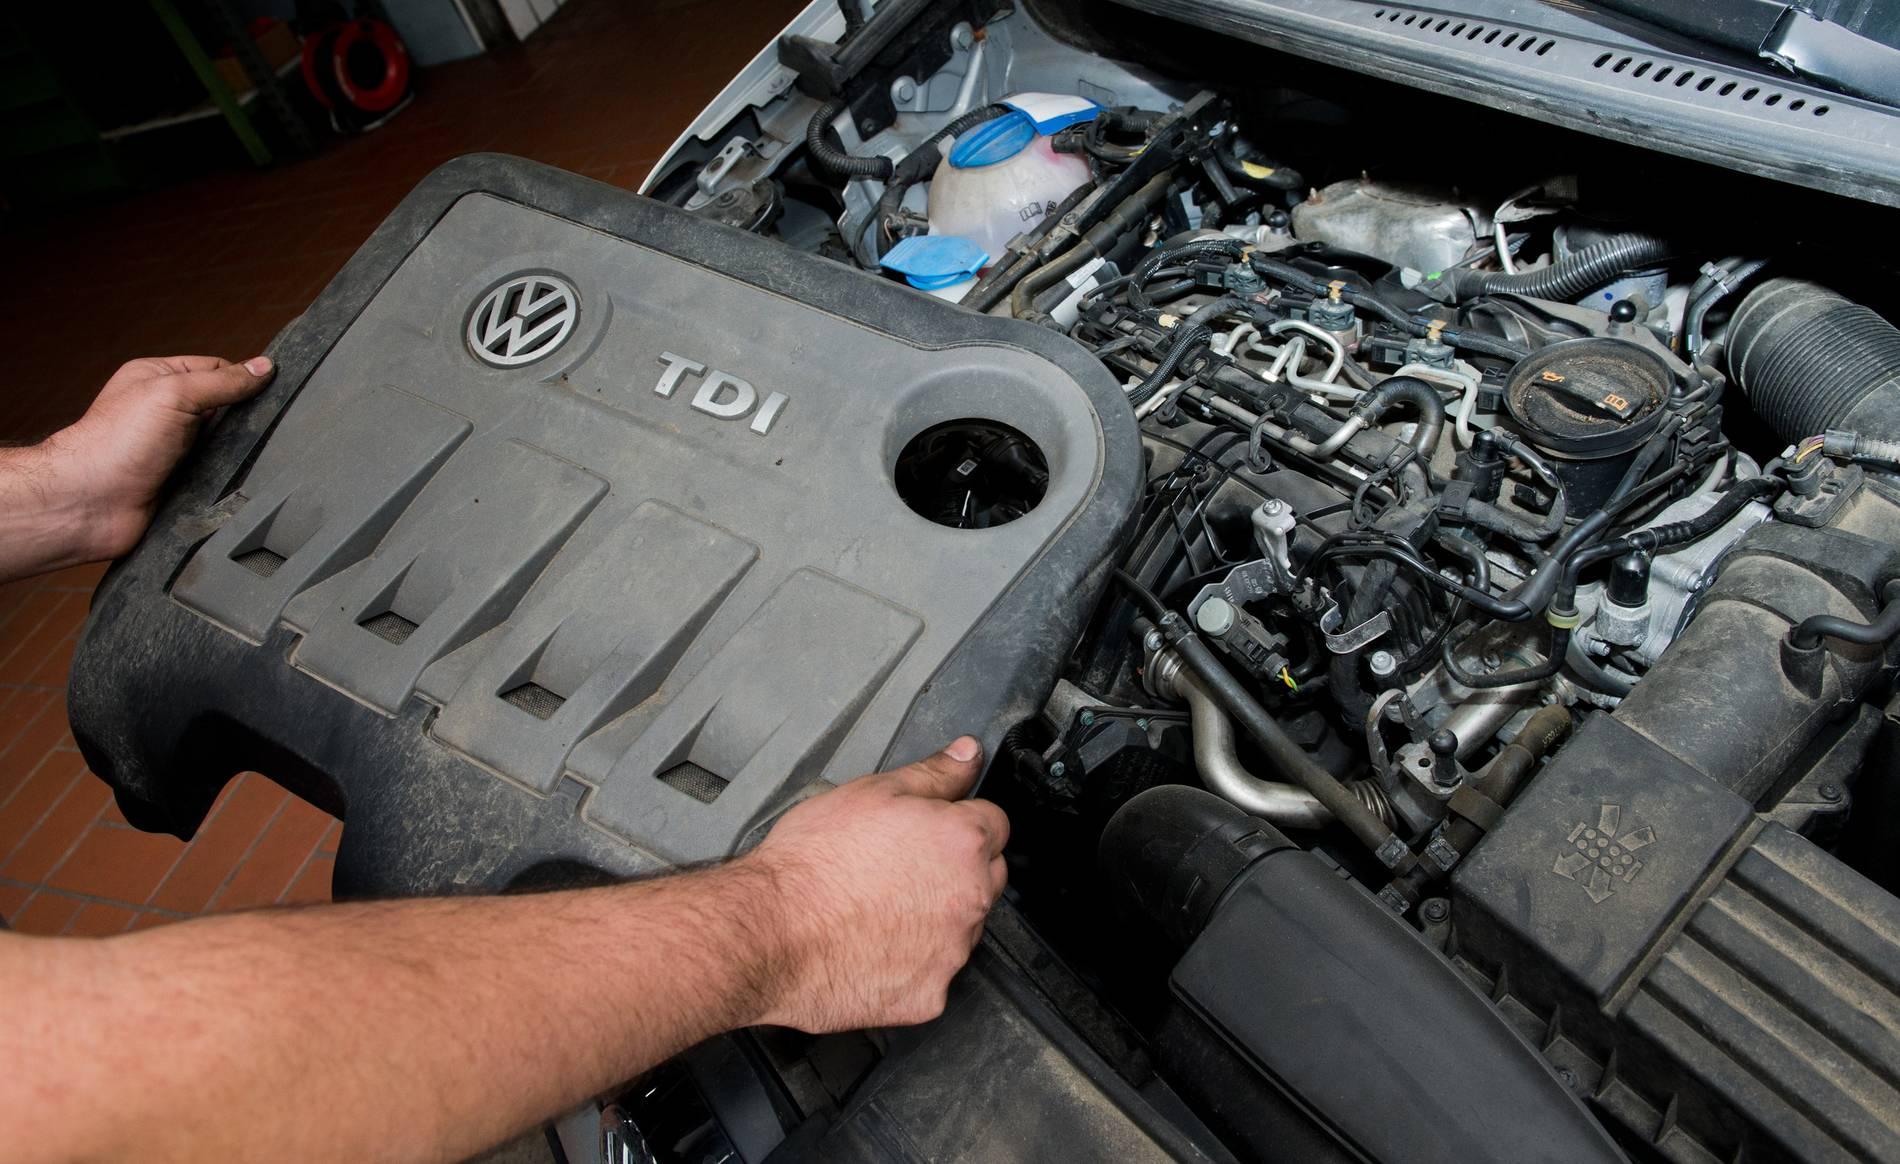 VW: Hälfte der Diesel-Klagen endet im Vergleich